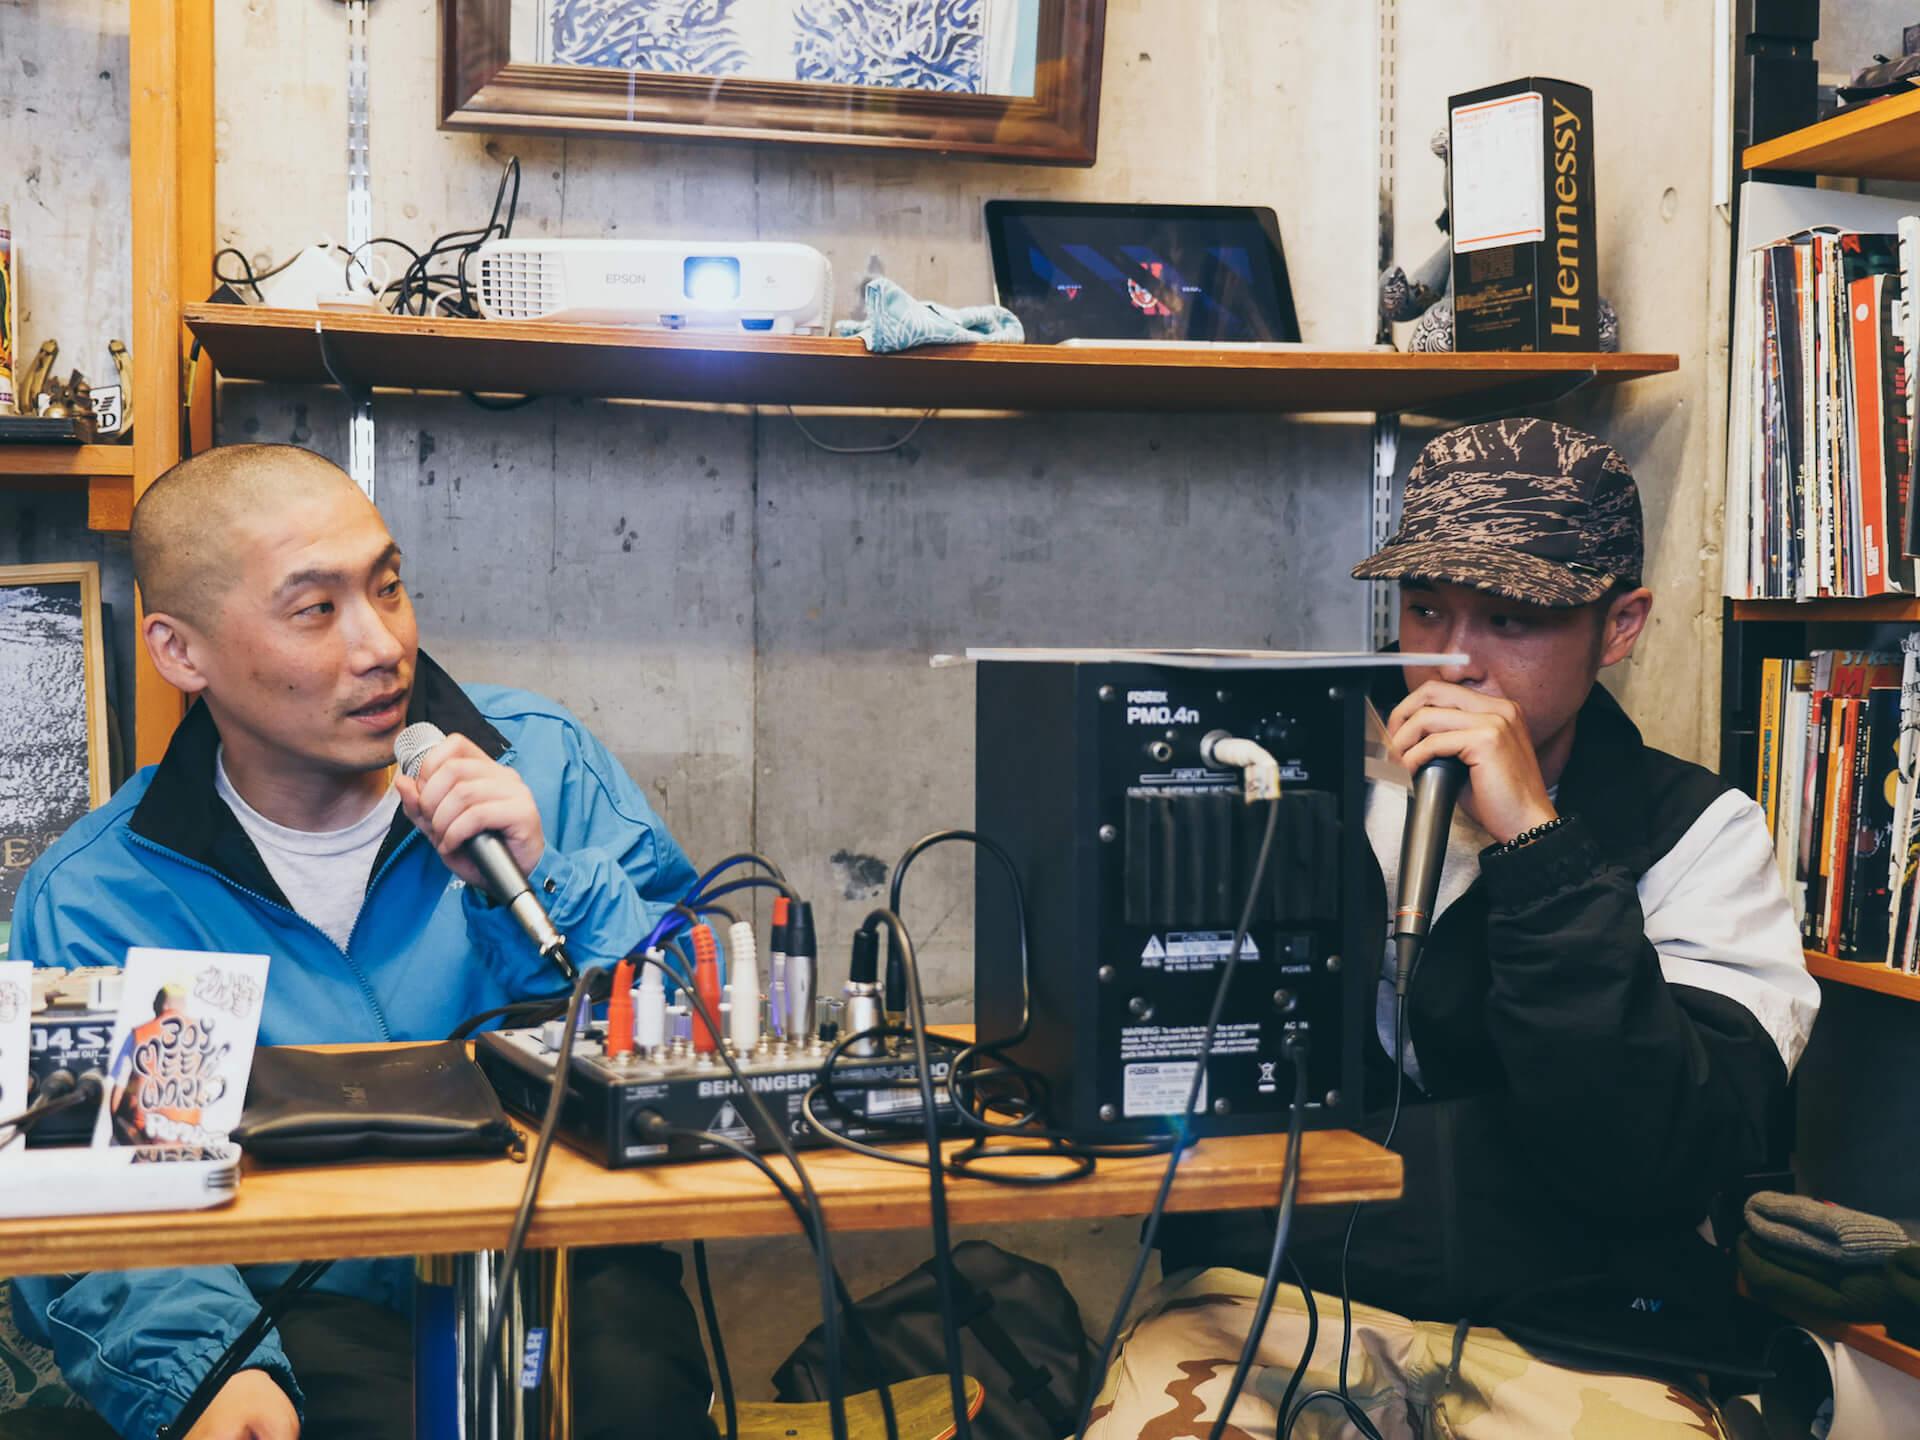 ビートは世界と出会う――BEAT MEETS WORLD x WANDERMAN POP UP in RAH YOKOHAMA REPORT interview-beat-meets-world-pop-up-report-13